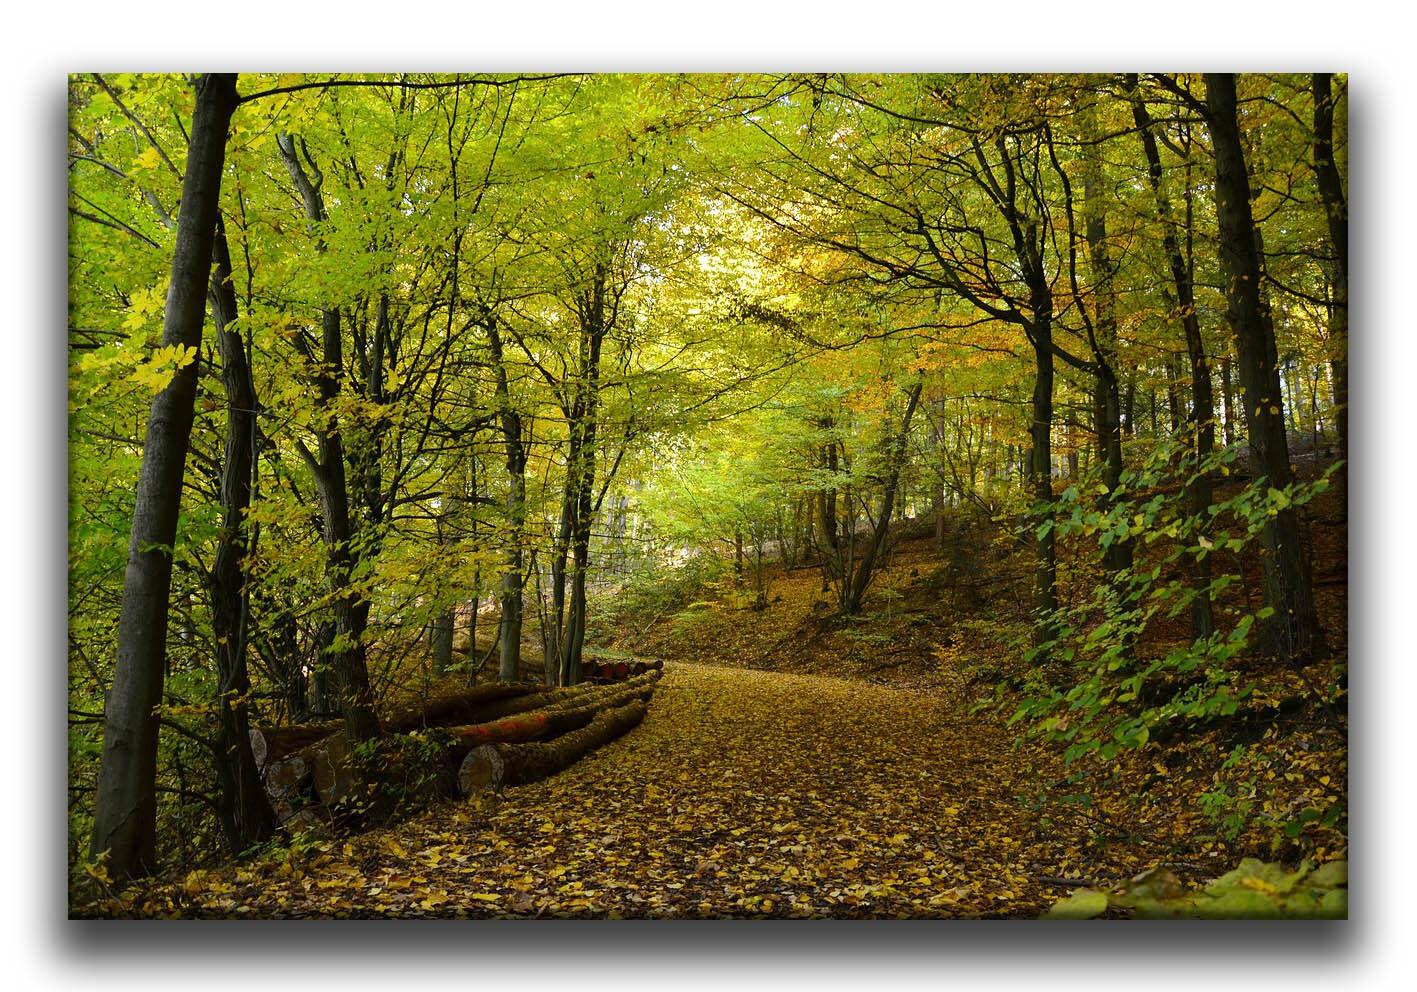 Leinwand Bild Wandbild Keilrahmenbild Herbst Herbst Herbst Wald  Bäume Laubbäume Landschaft 033adb